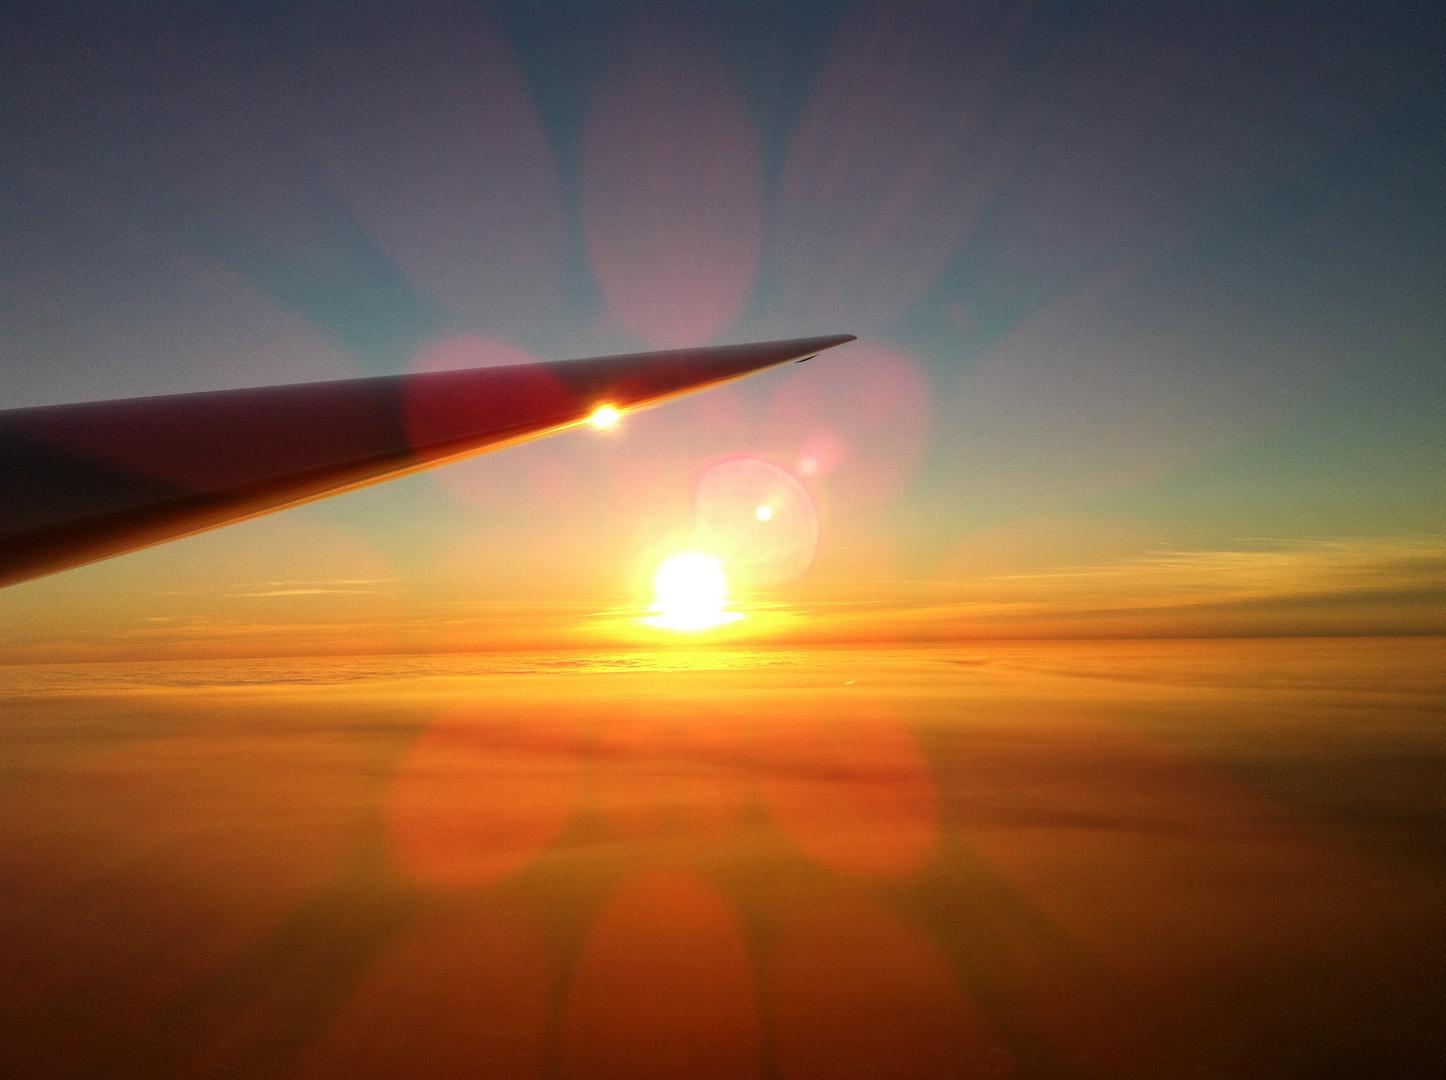 Sonnenuntergang von seiner schönsten Seite